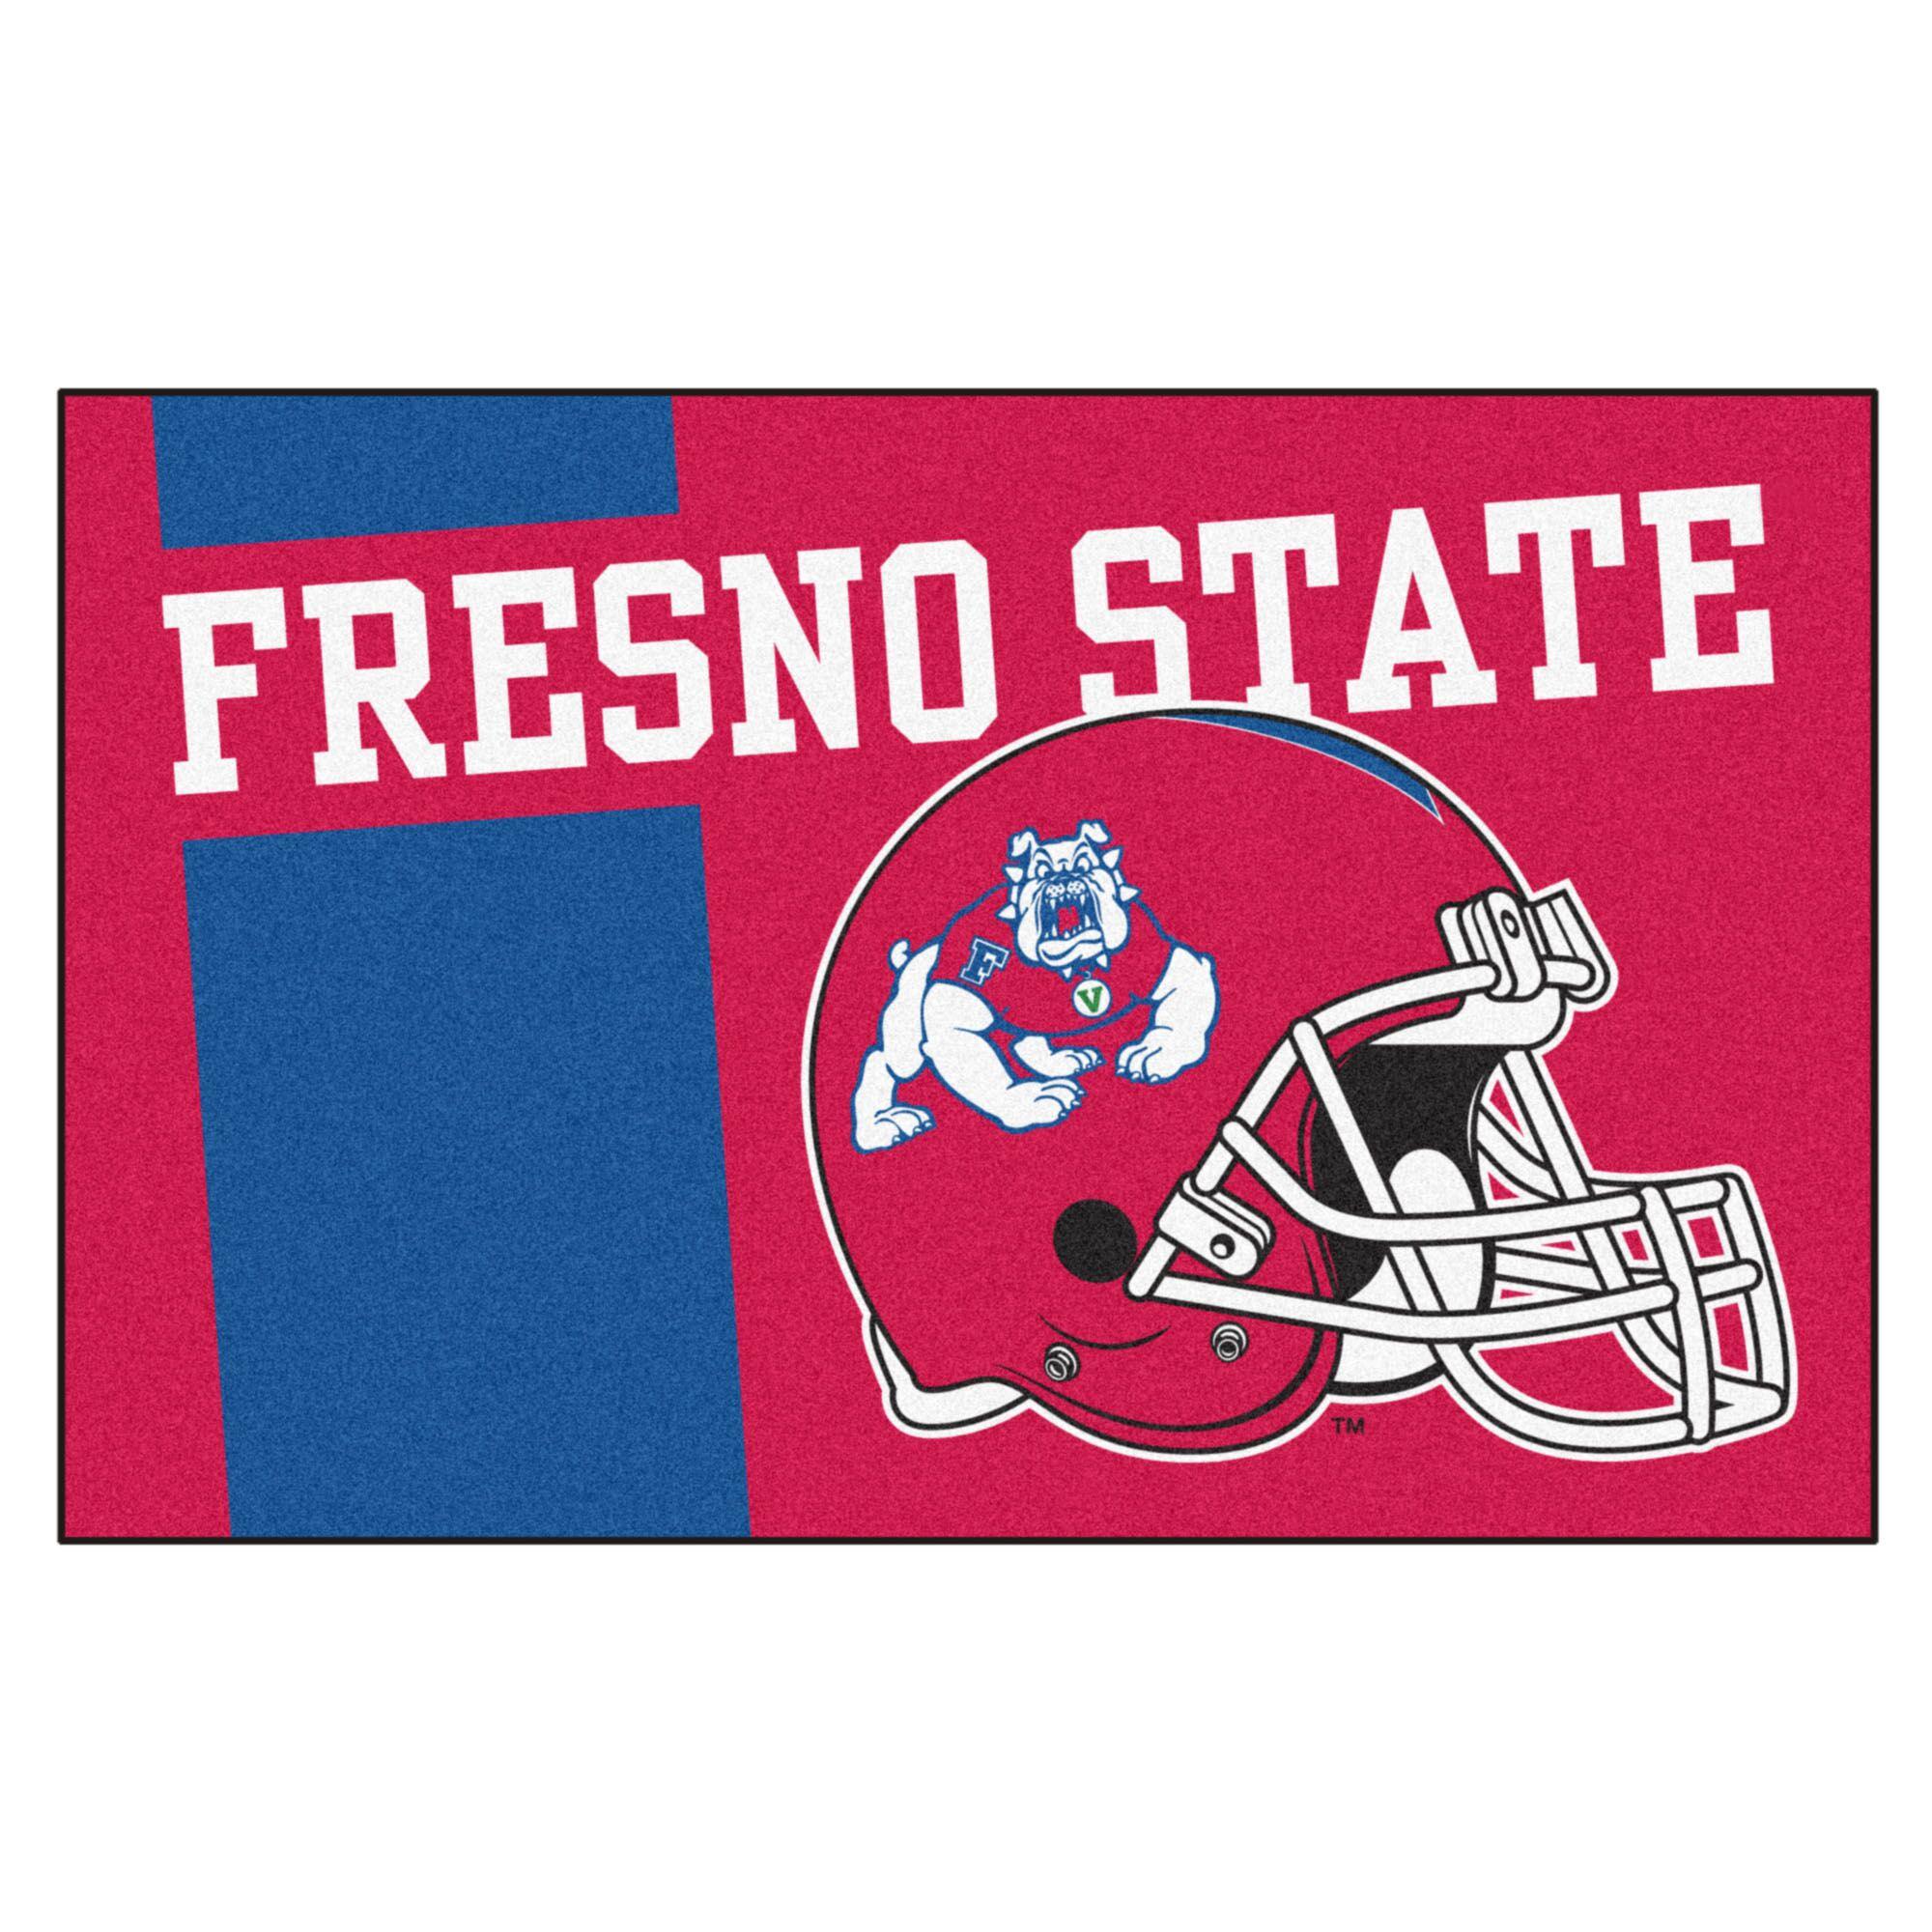 Fresno State Doormat